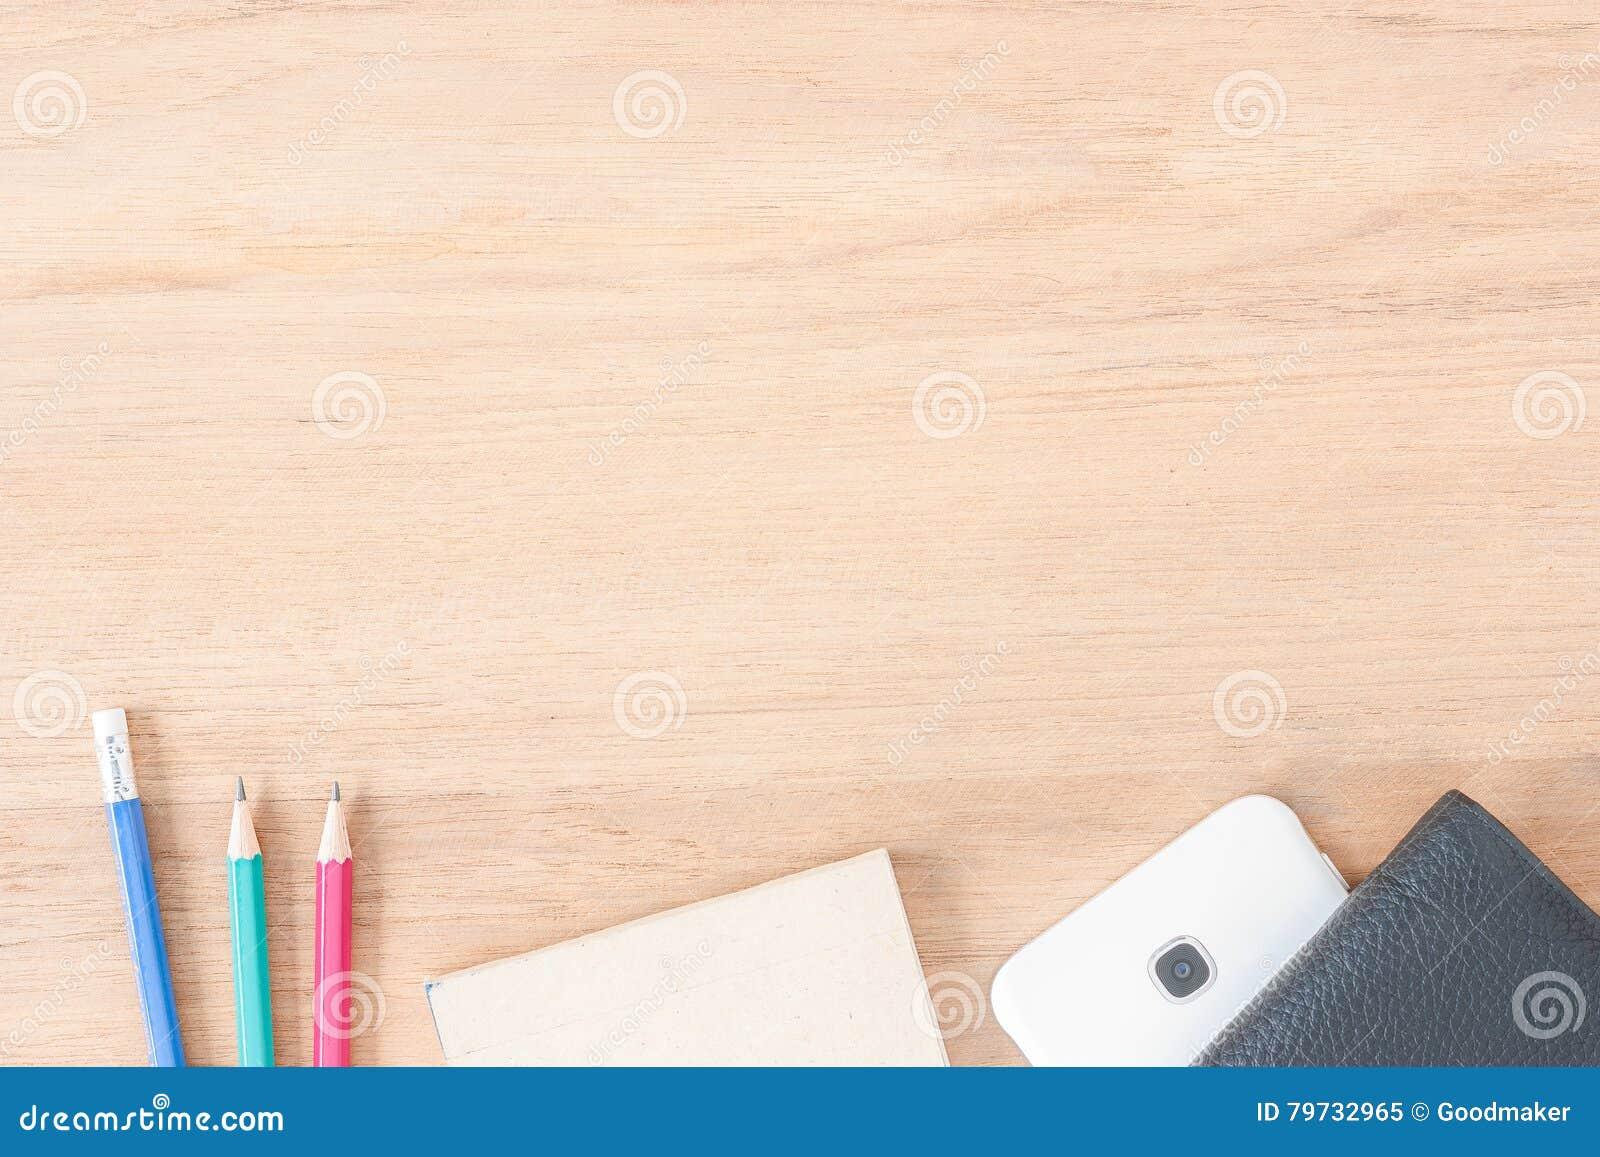 Escritorio y accesorios de trabajo